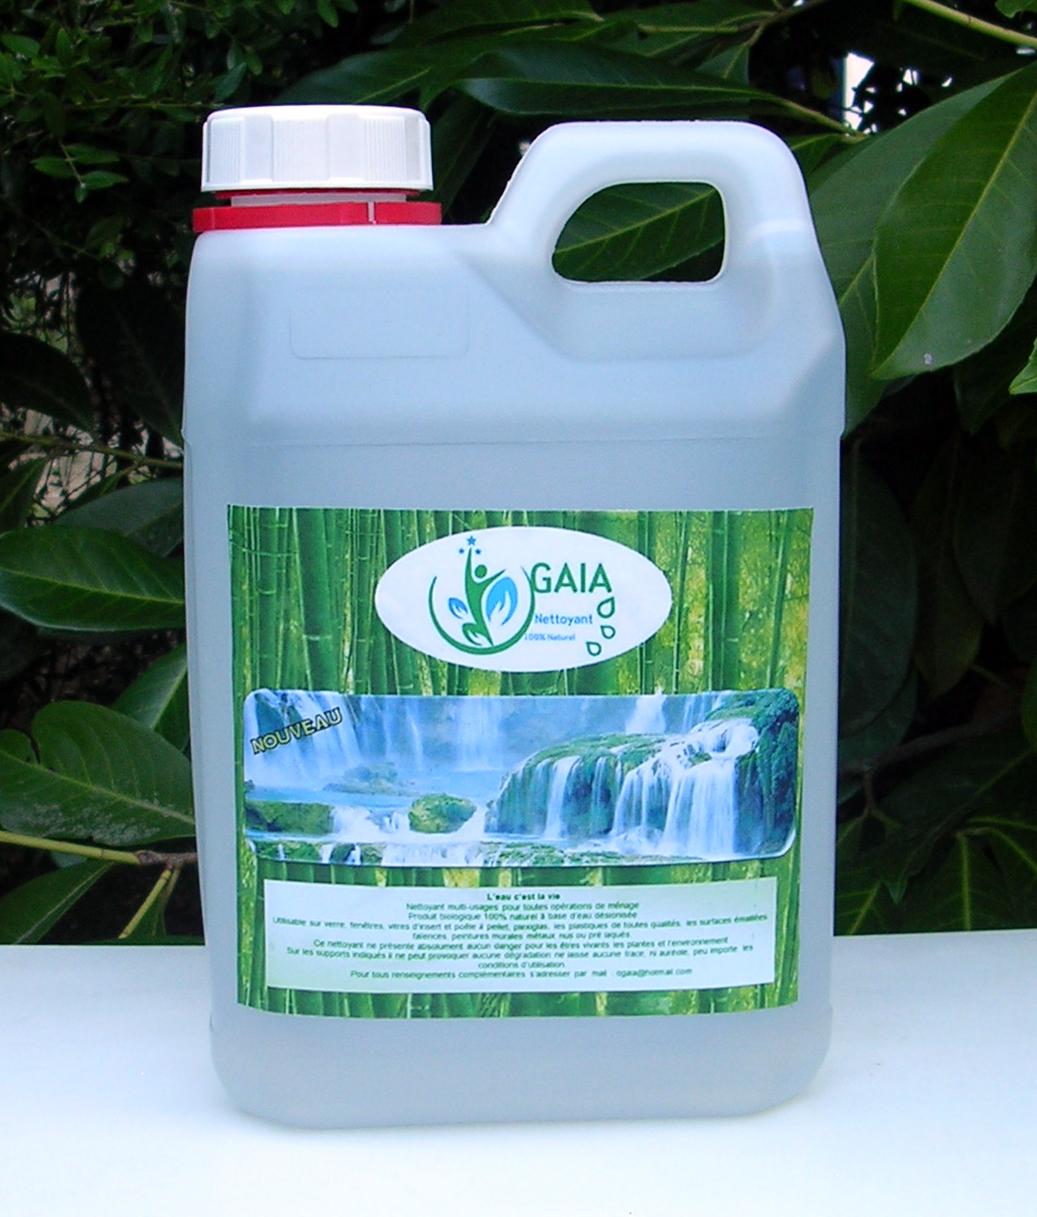 bidon-de-2-litres-ogaia.jpg